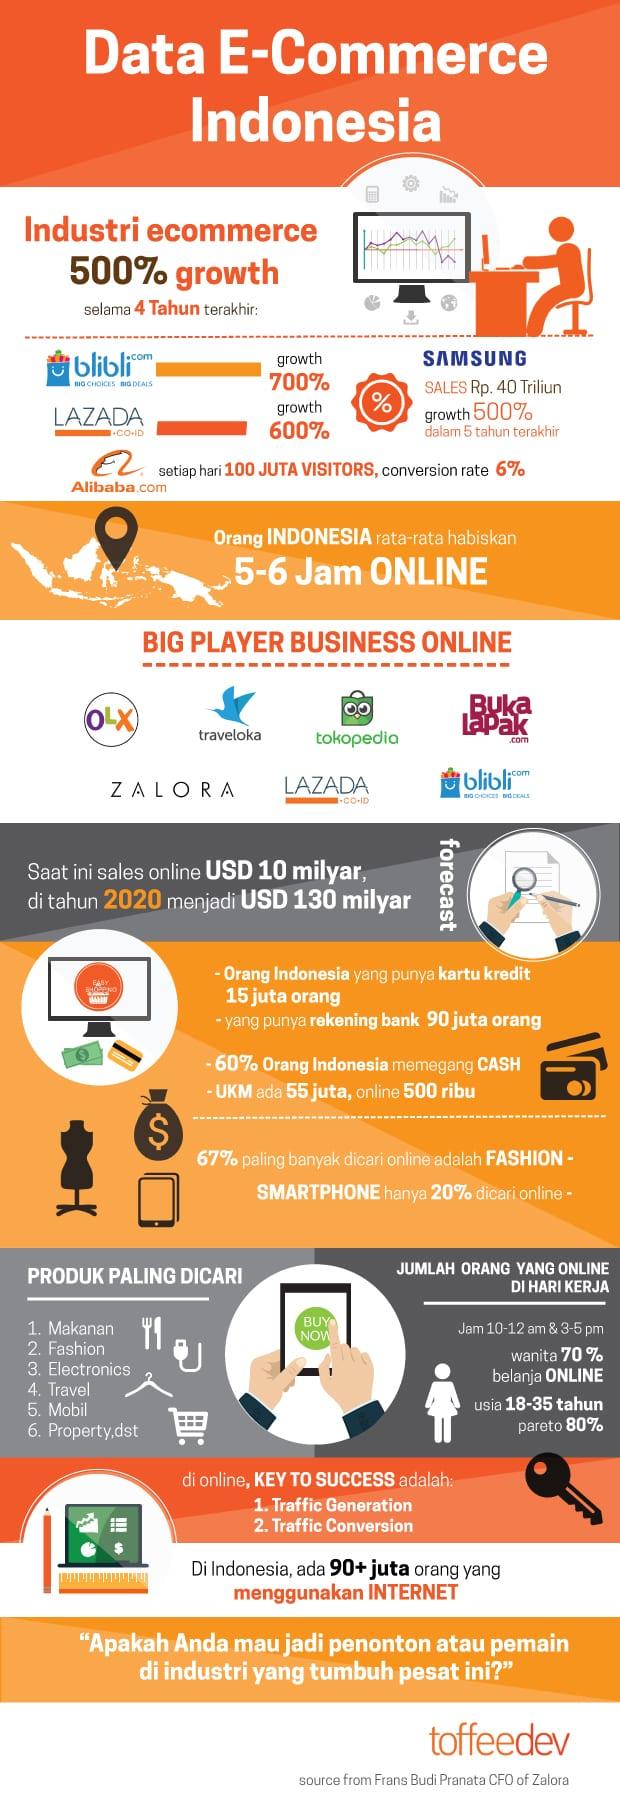 Data E-Commerce di Indonesia